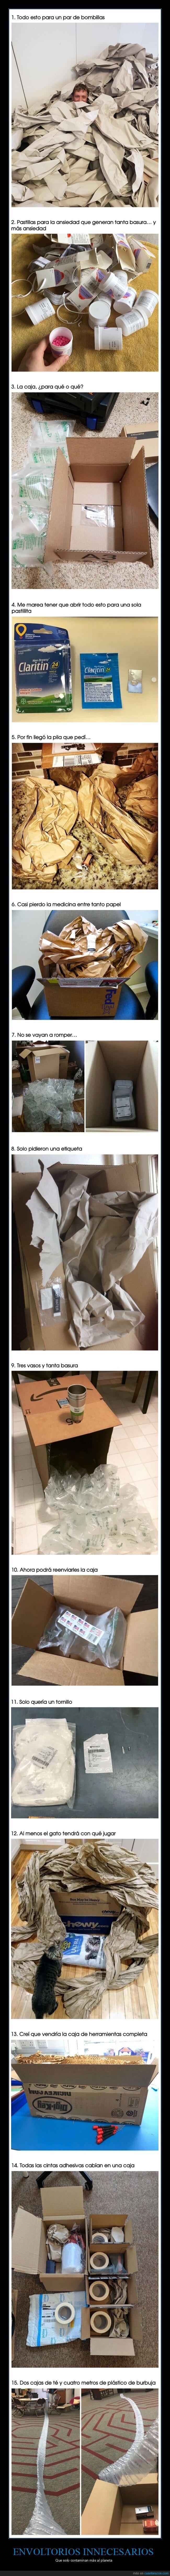 envoltorios,innecesarios,paquetes